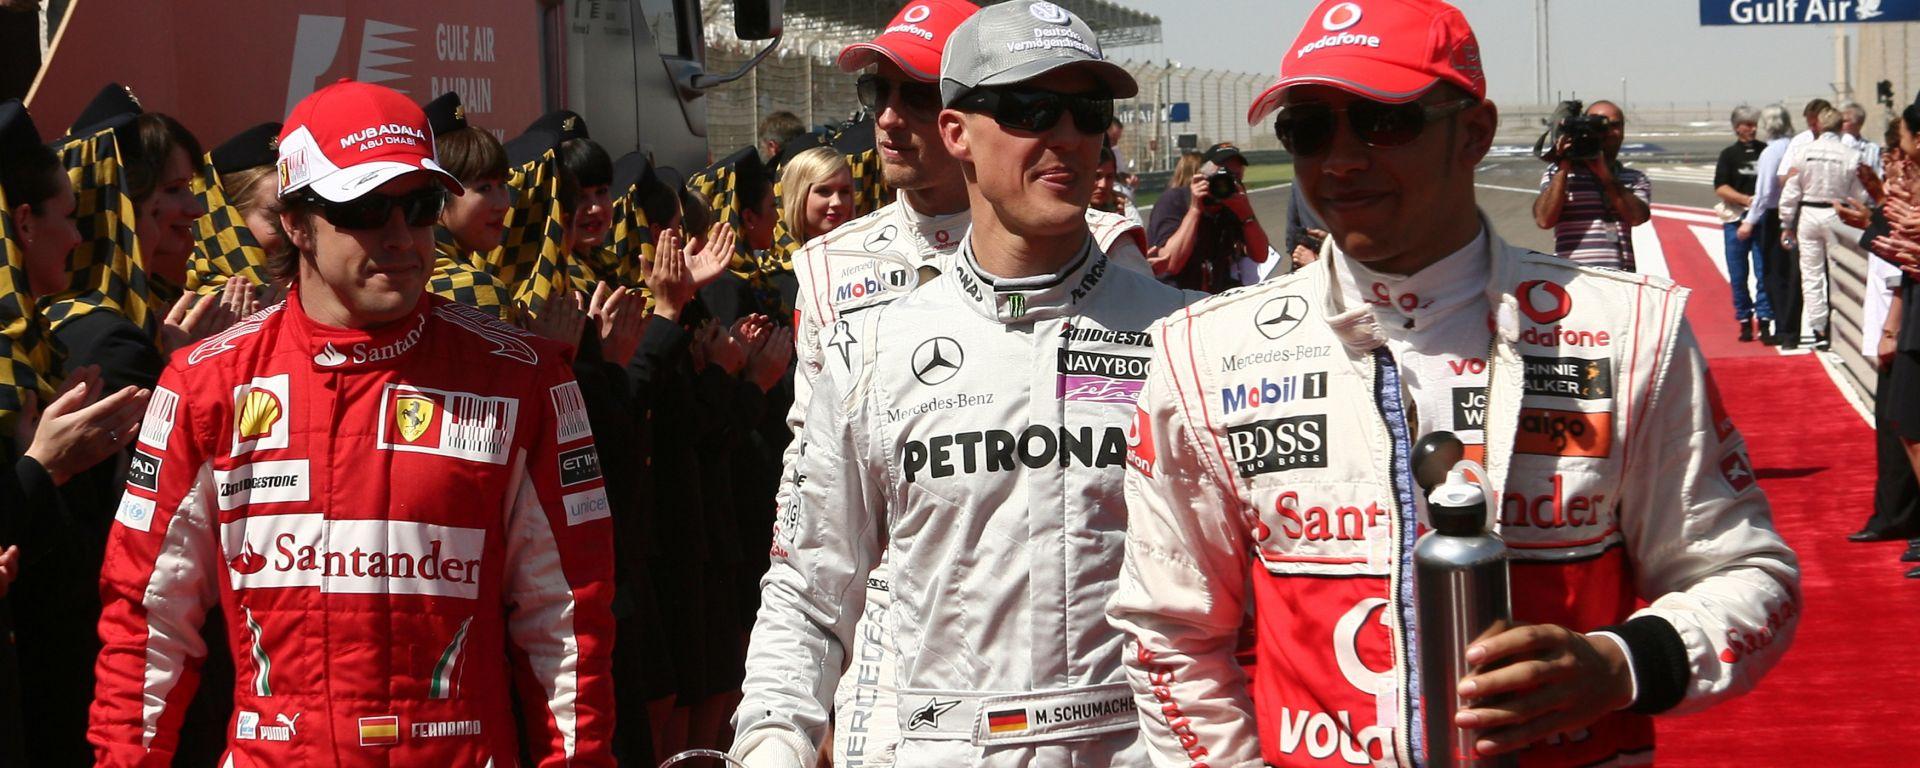 F1 2010: Fernando Alonso (Ferrari), Michael Schumacher (Mercedes) e Lewis Hamilton (McLaren)